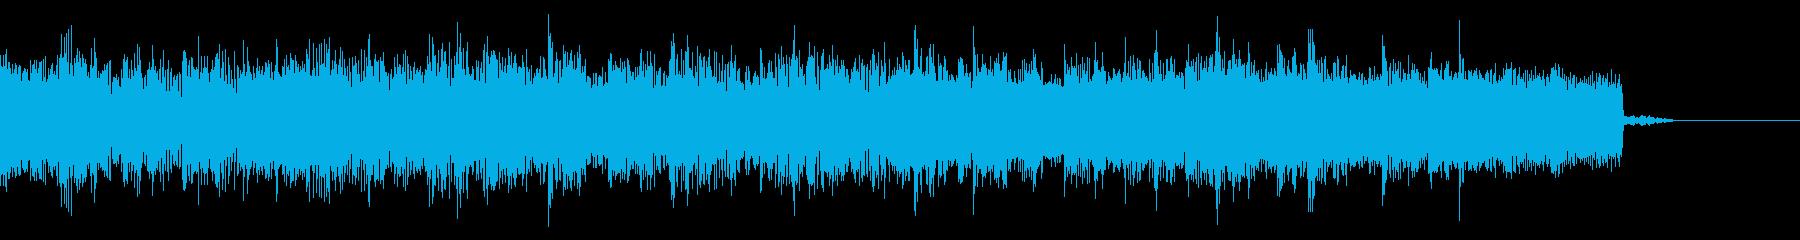 メタル系の場面転換 HR/HM系ジングルの再生済みの波形